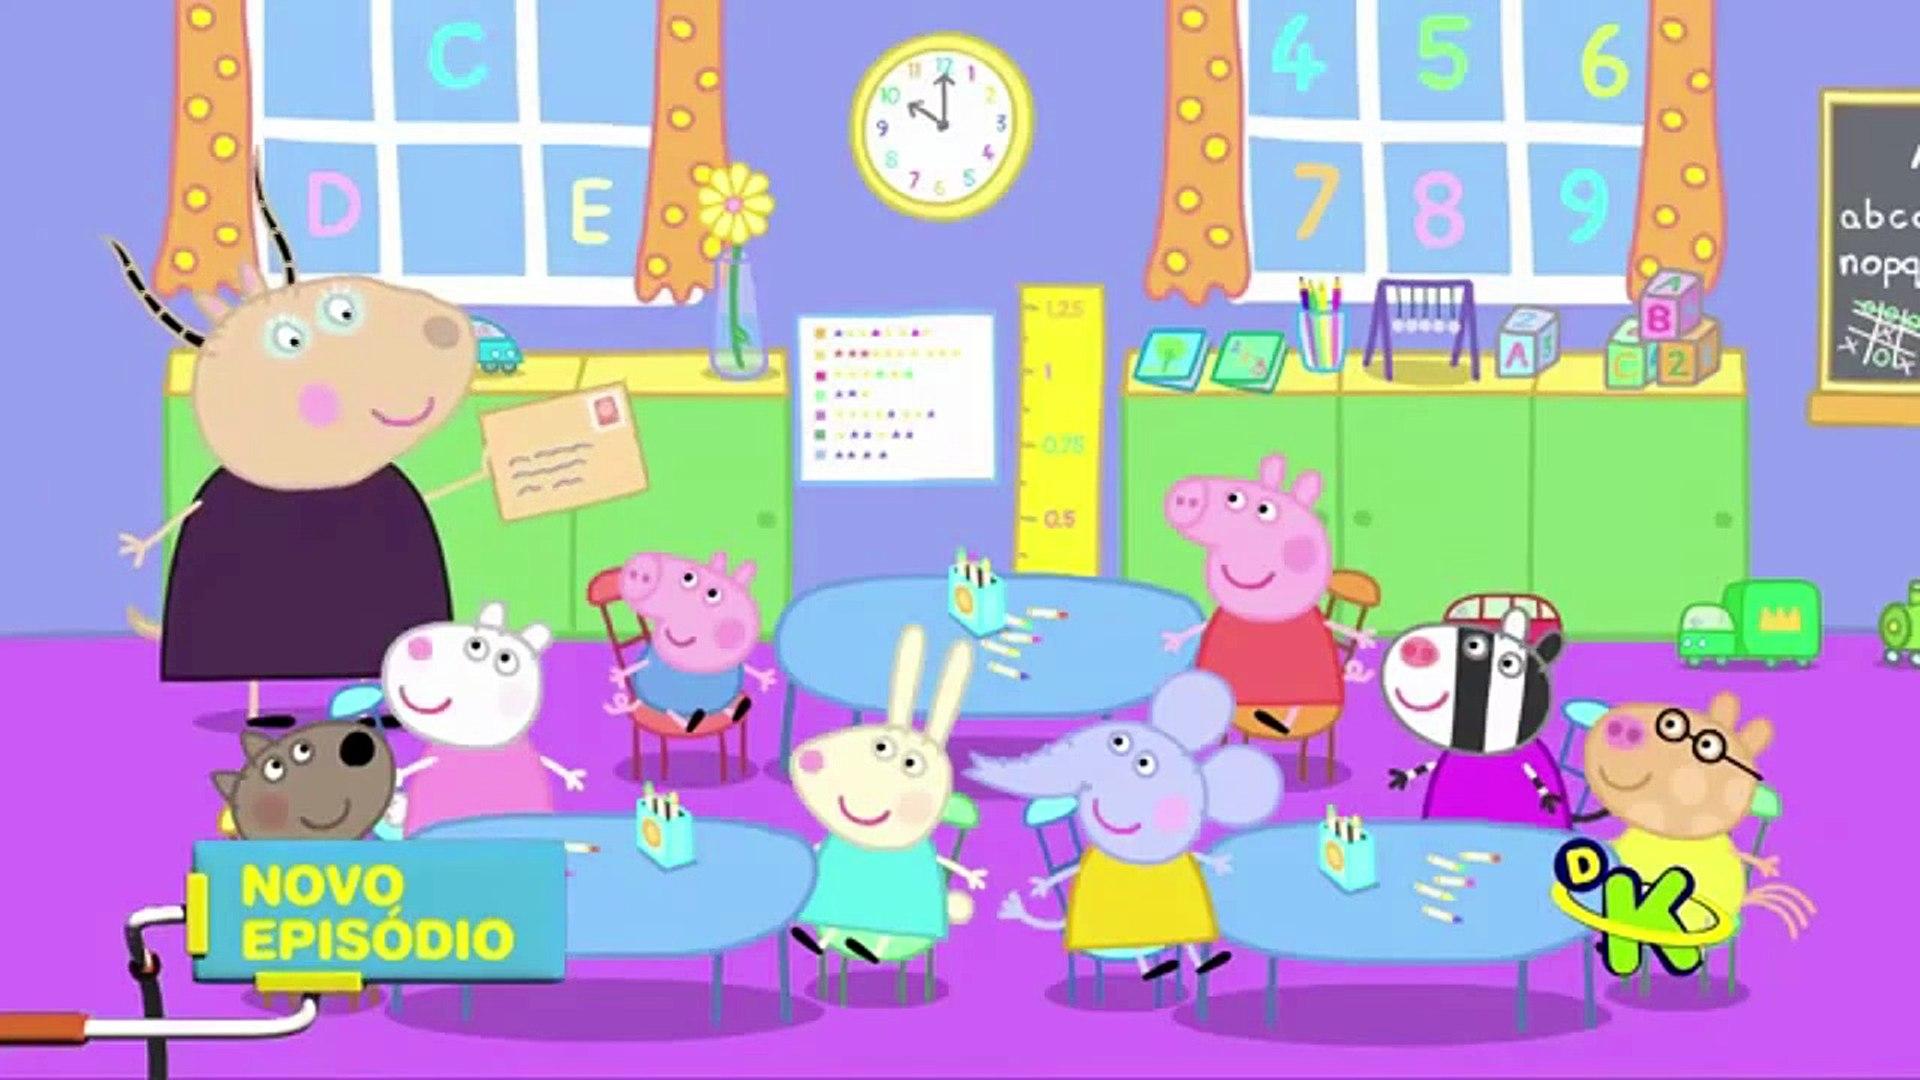 YTPBR - Peppa Pig - O desenho bosta